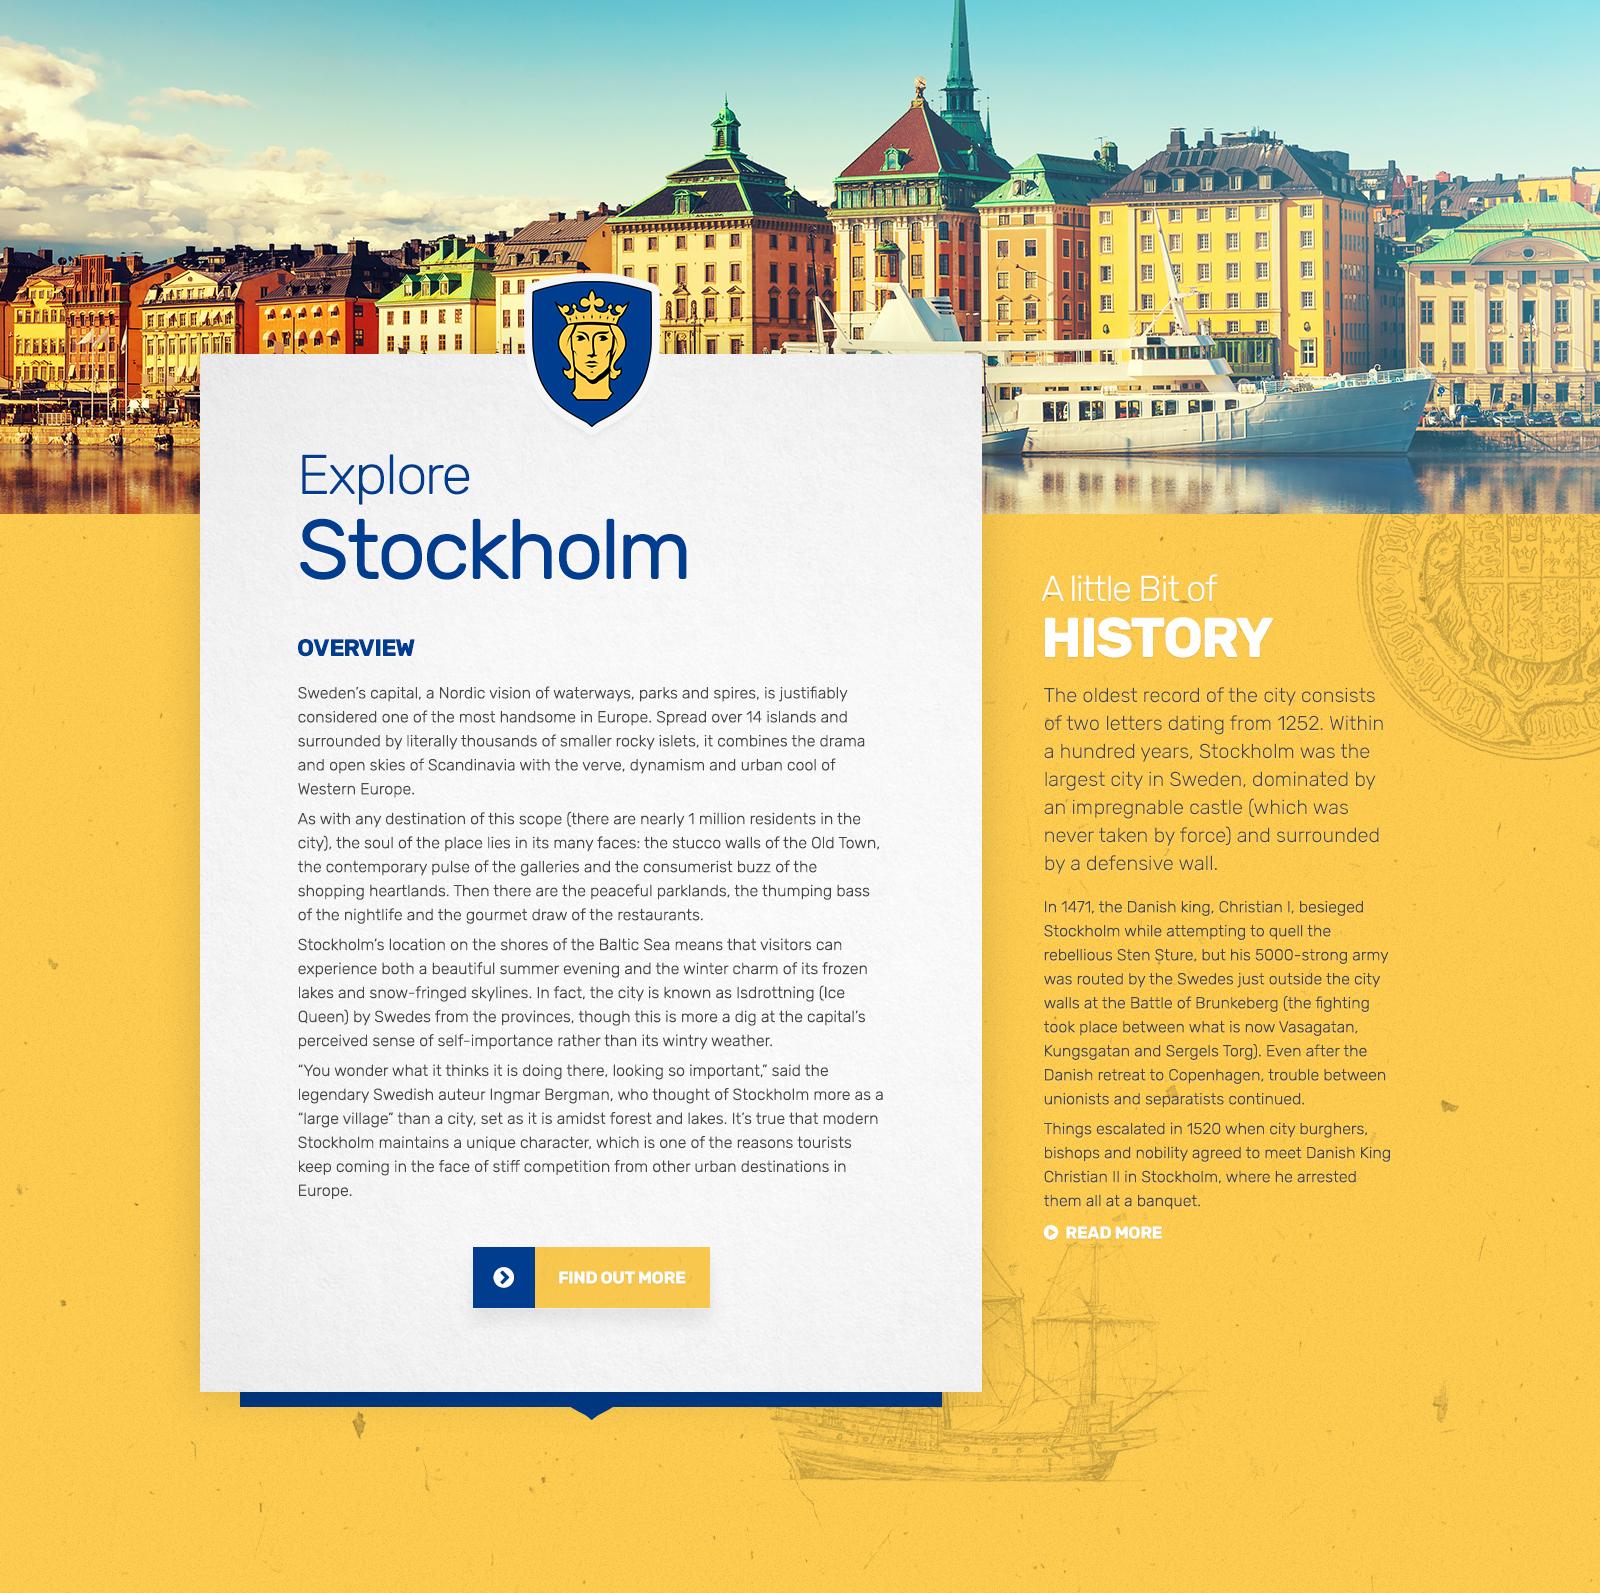 visit-stockholm-3